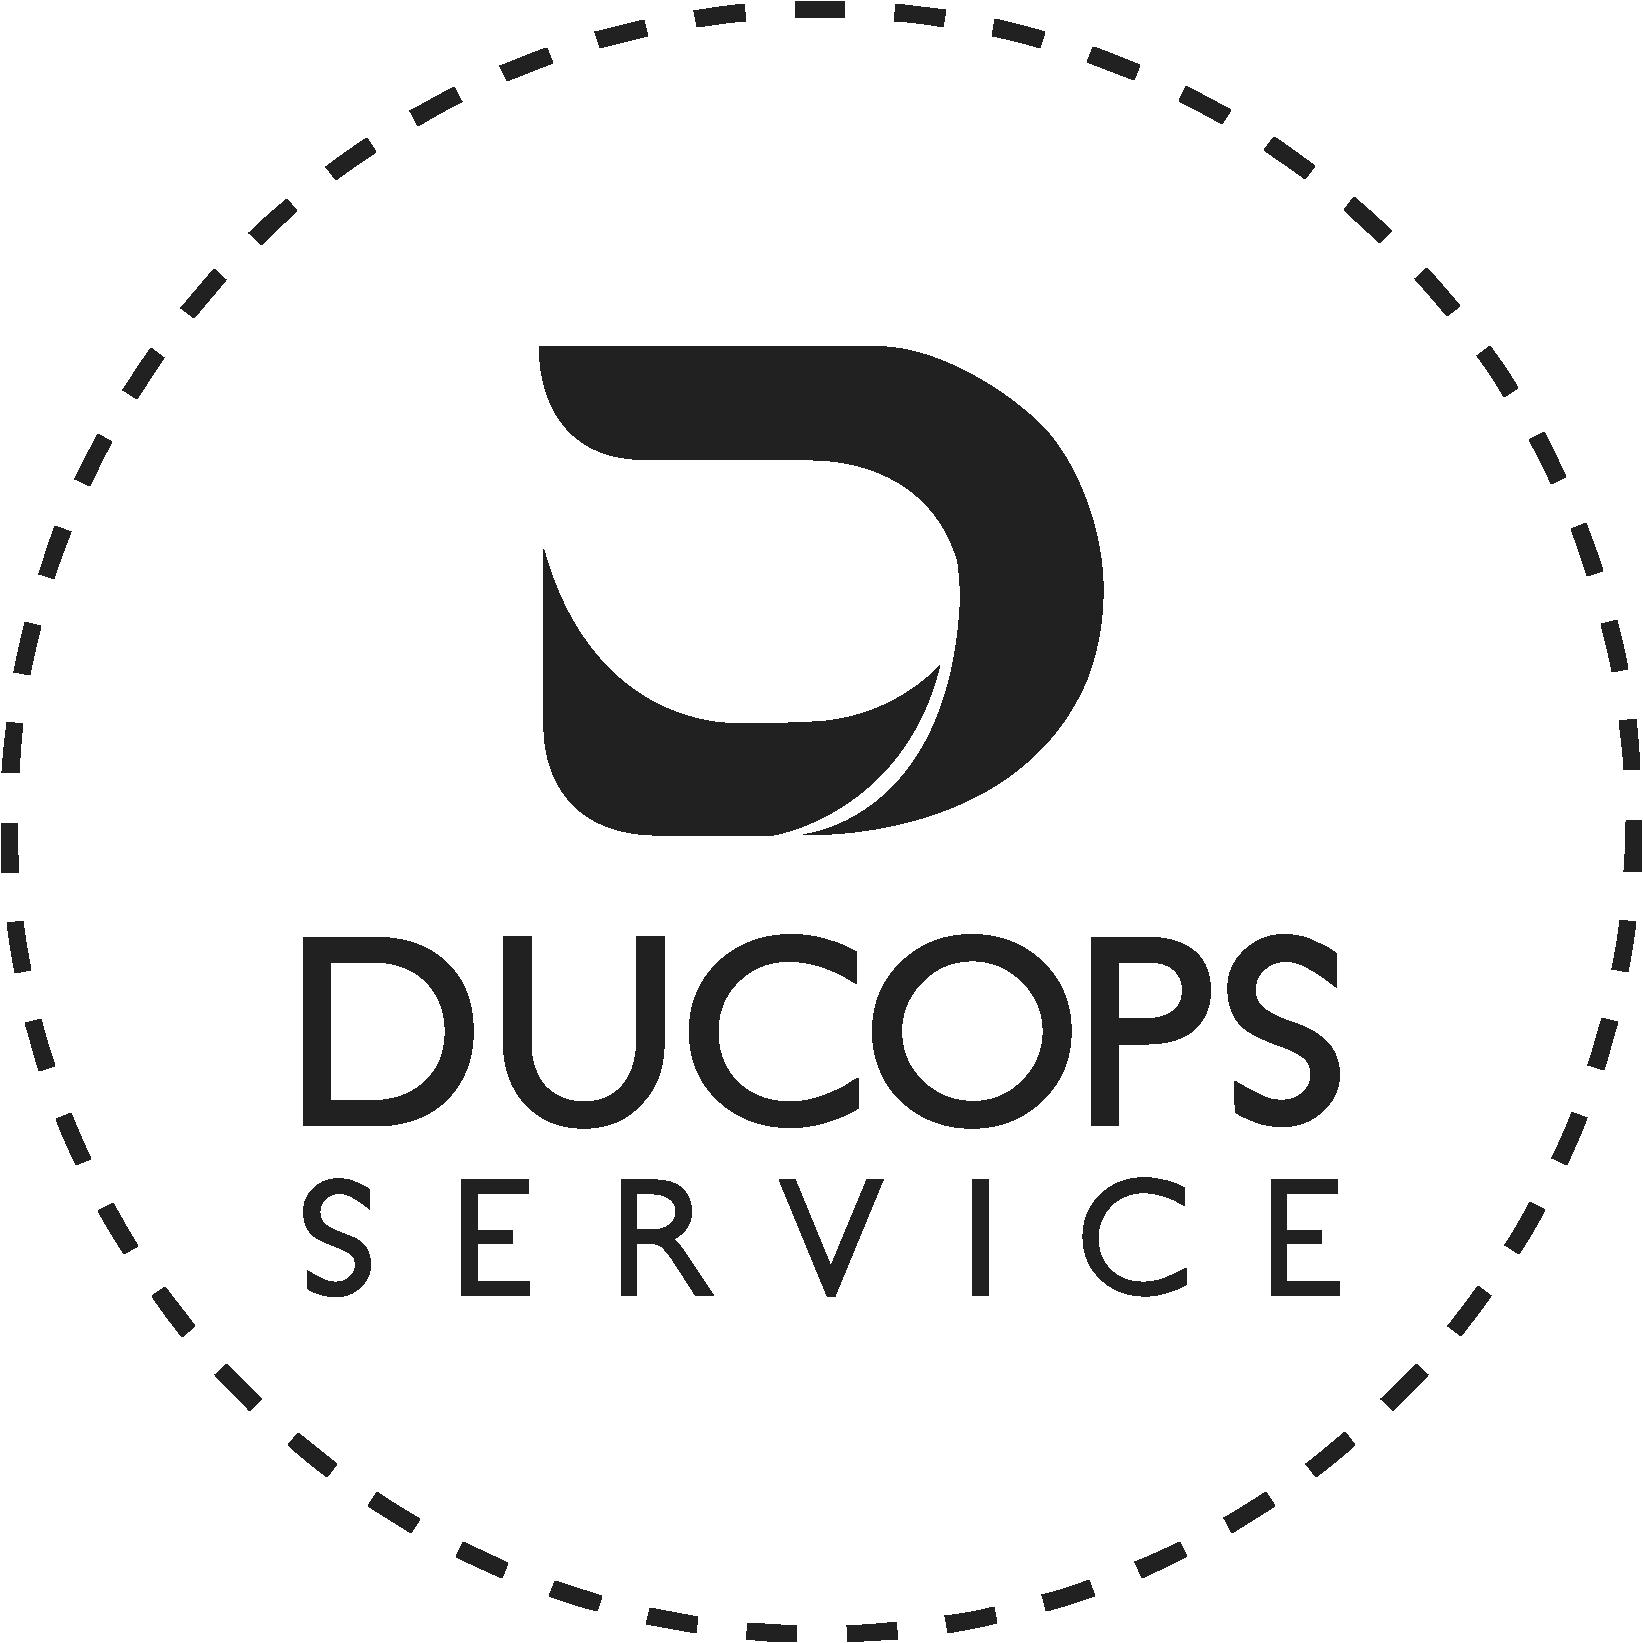 ducops-service-logo-grigio